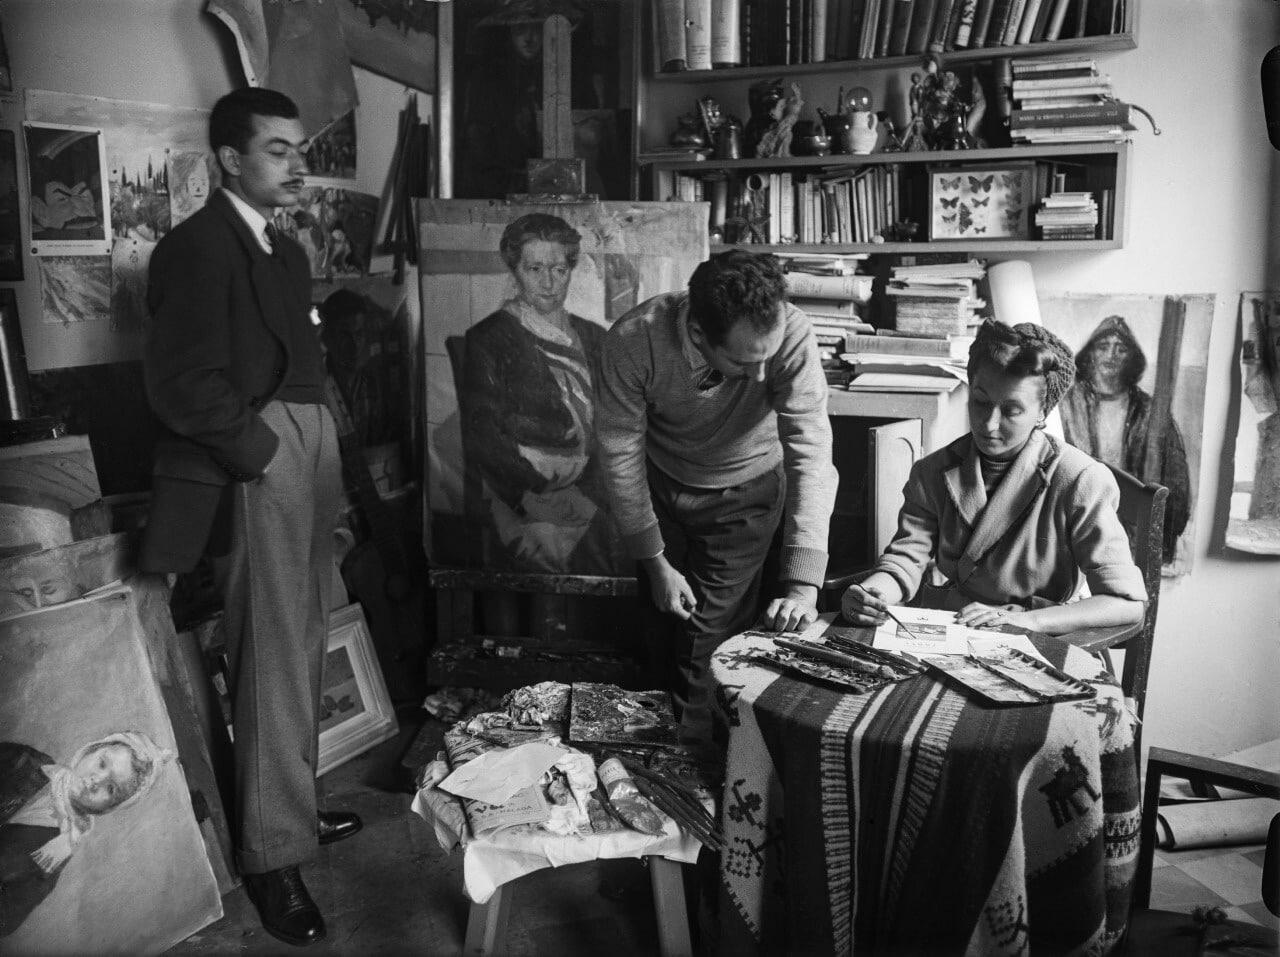 La Escuela de Patrimonio Histórico de Nájera acoge la exposición 'El taller del artista' 2